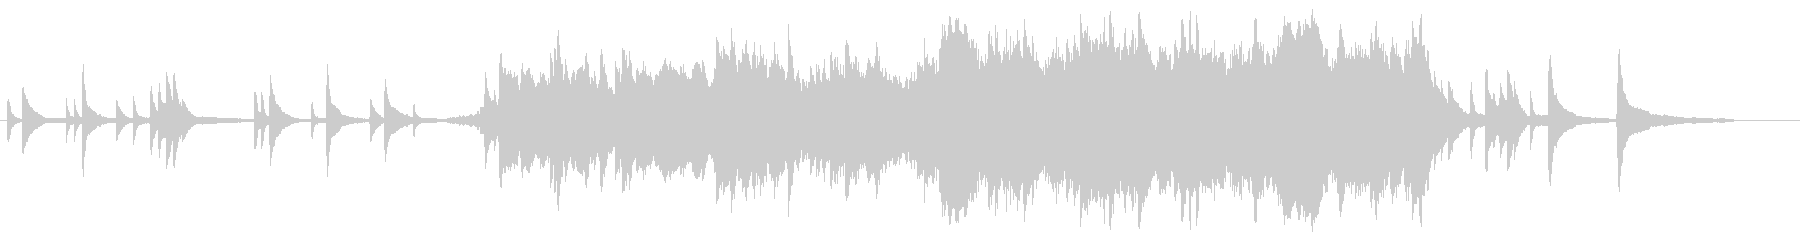 ピアノとストリングスの切ないBGMの未再生の波形